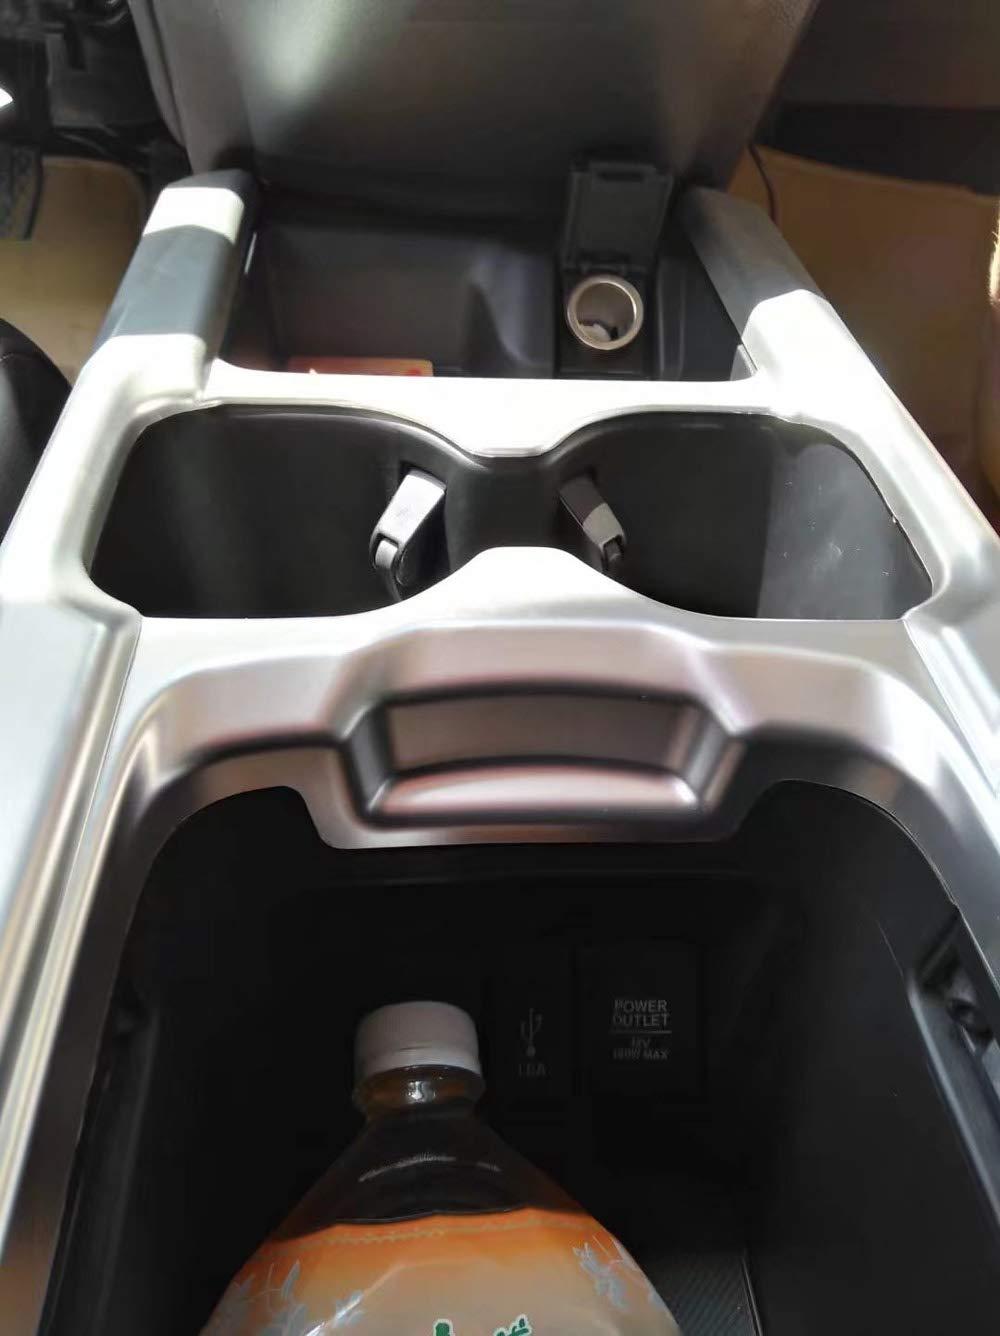 Kadore Interior Car Cup Holders Cover Trim for Honda CRV CR-V 2017-2019 Carbon Fiber Style 1pc